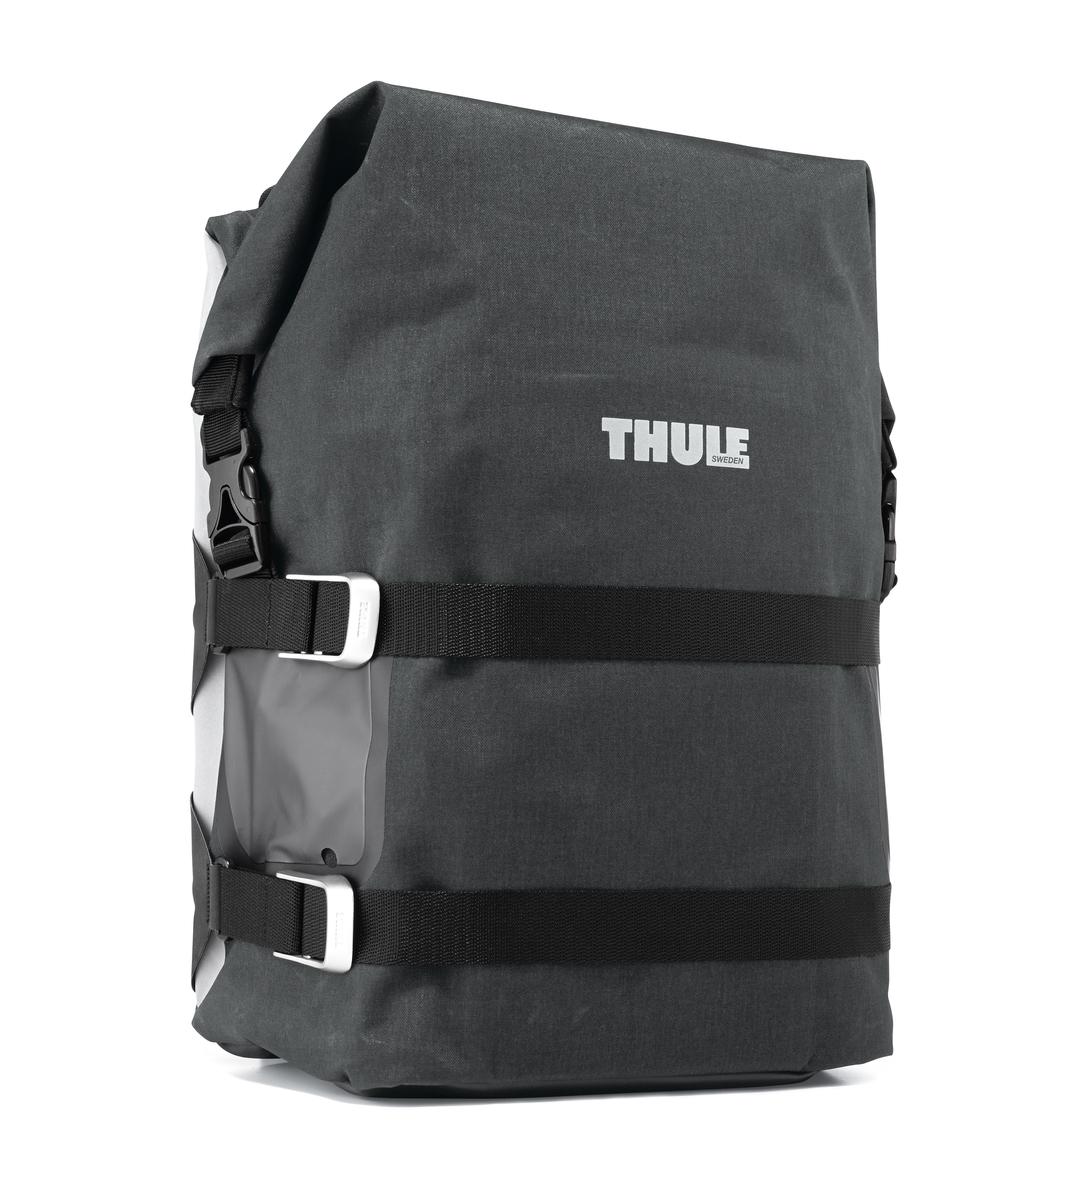 Сумка велосипедная Thule Large Adventure Touring Pannier, цвет: черныйZ90 blackЛегкая, прочная и водонепроницаемая велосипедная сумка идеально подходит для установки сзади. Система крепления позволяет использовать сумку как на велосипеде, так и переносить ее отдельно.Thule Pack n Pedal черная ZinniaКрепления-невидимки легко отщелкиваются при переноске без велосипеда для максимального удобства переноски.Система крепления проста в использовании, безопасна и имеет малый уровень вибрации.Внешние прозрачные кармашки обеспечивают использование аварийного фонаря и хранение его в одном удобном месте.Водонепроницаемая сворачивающаяся/разворачивающаяся верхняя часть помогает сохранить вещи сухими.Светоотражающие полоски повышают заметность на дороге.Стягивающий ремень надежно сохраняет содержимое.Встроенные ручки и отстегиваемый ремень для ношения через плечо обеспечивают несколько вариантов переноски.Устанавливается с любой стороны велосипеда.Лучше всего подходит для багажников Thule, но может использоваться практически с любым велосипедным багажником.